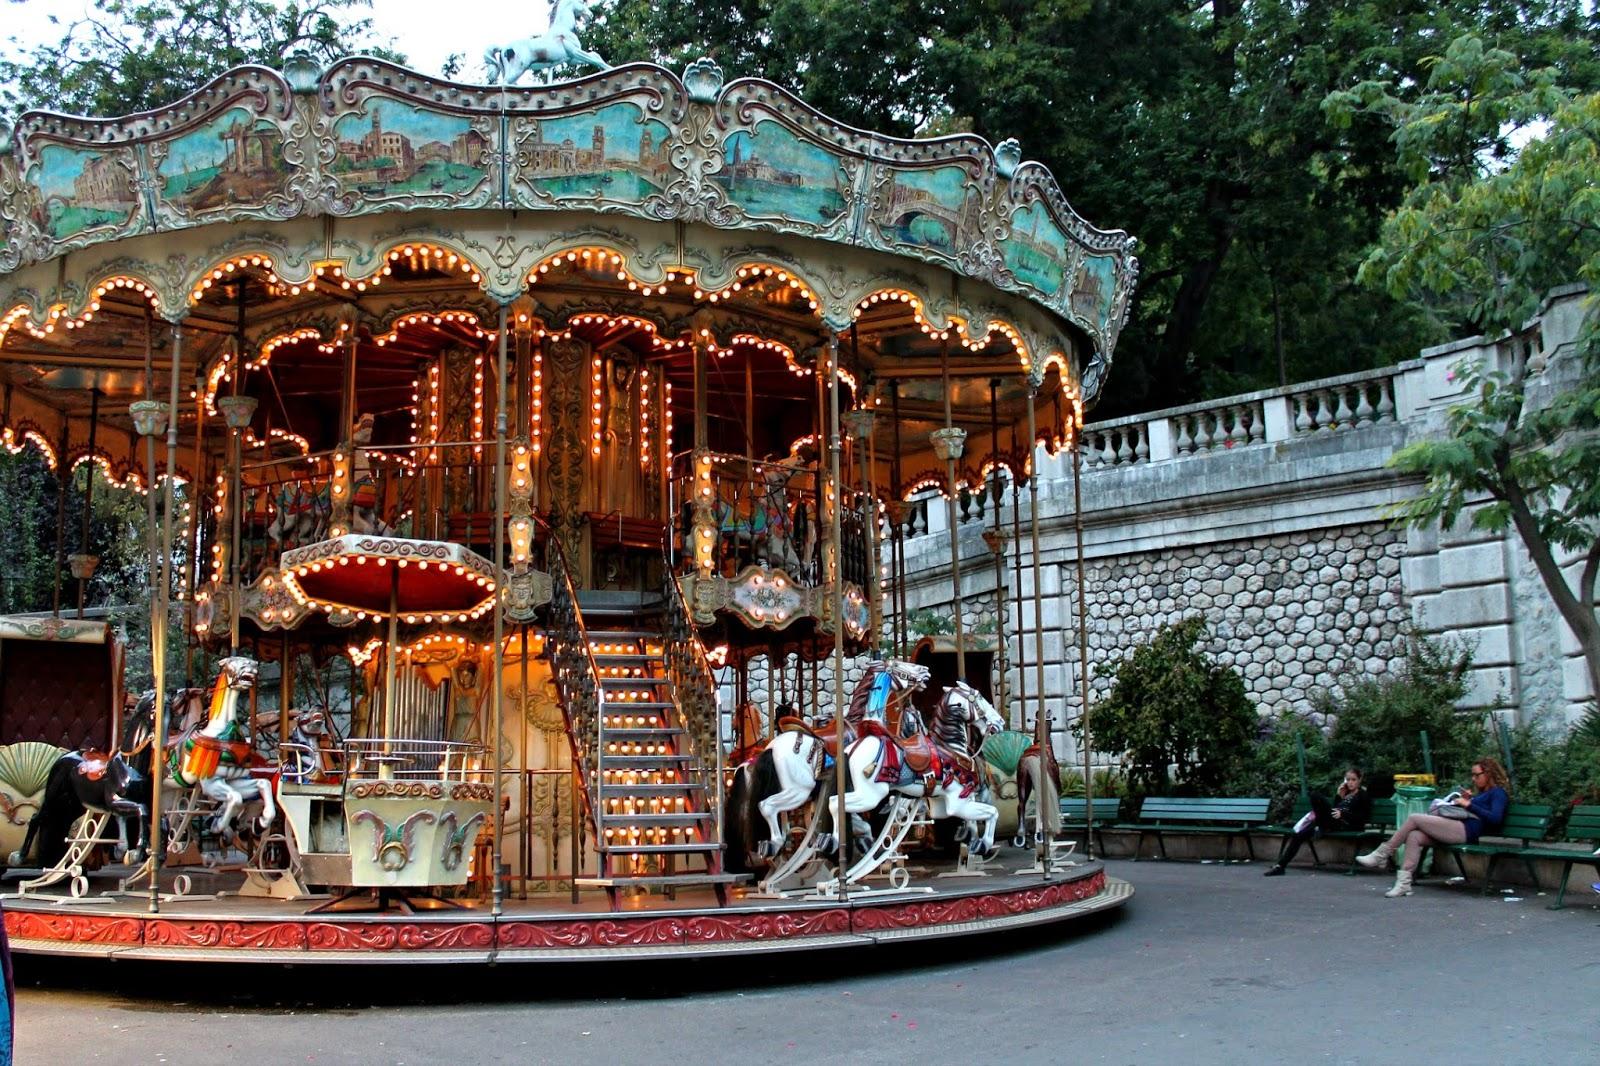 pensieri in viaggio: cosa vedere a montmartre - quando parigi ... - Zona Migliore Soggiorno Parigi